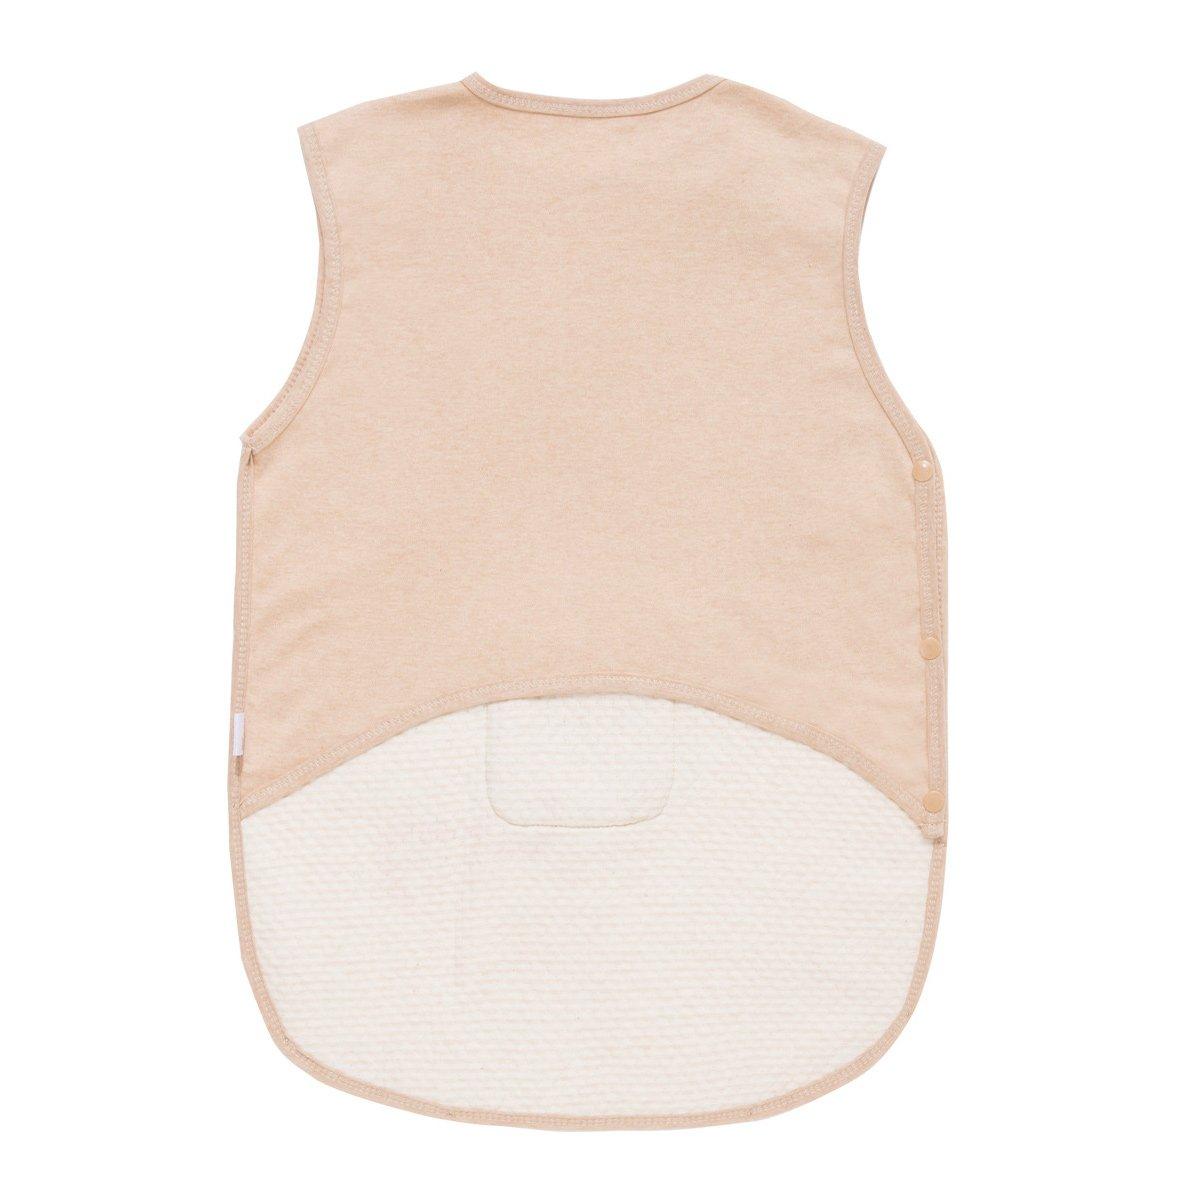 Feoya Unisex Babyschlafsack Sommer Schafsack /Ärmellos Kinderschlafsack Baumwolle Babydecke-Braun